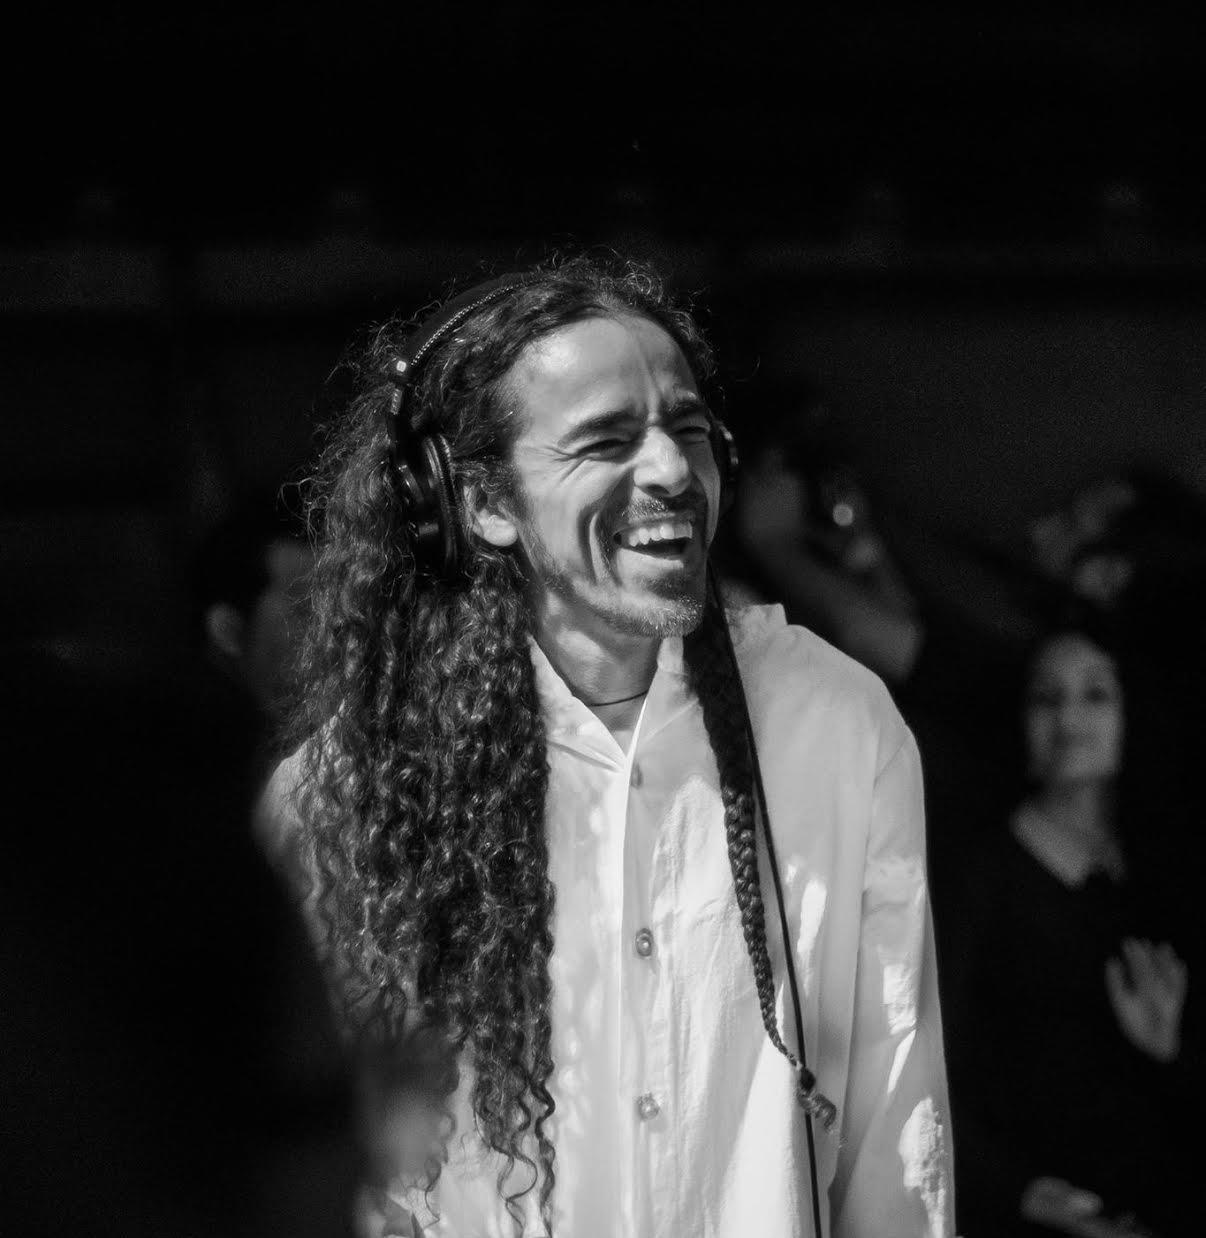 No DJ Set: An After Party with Rubén Albarrán (Café Tacvba)